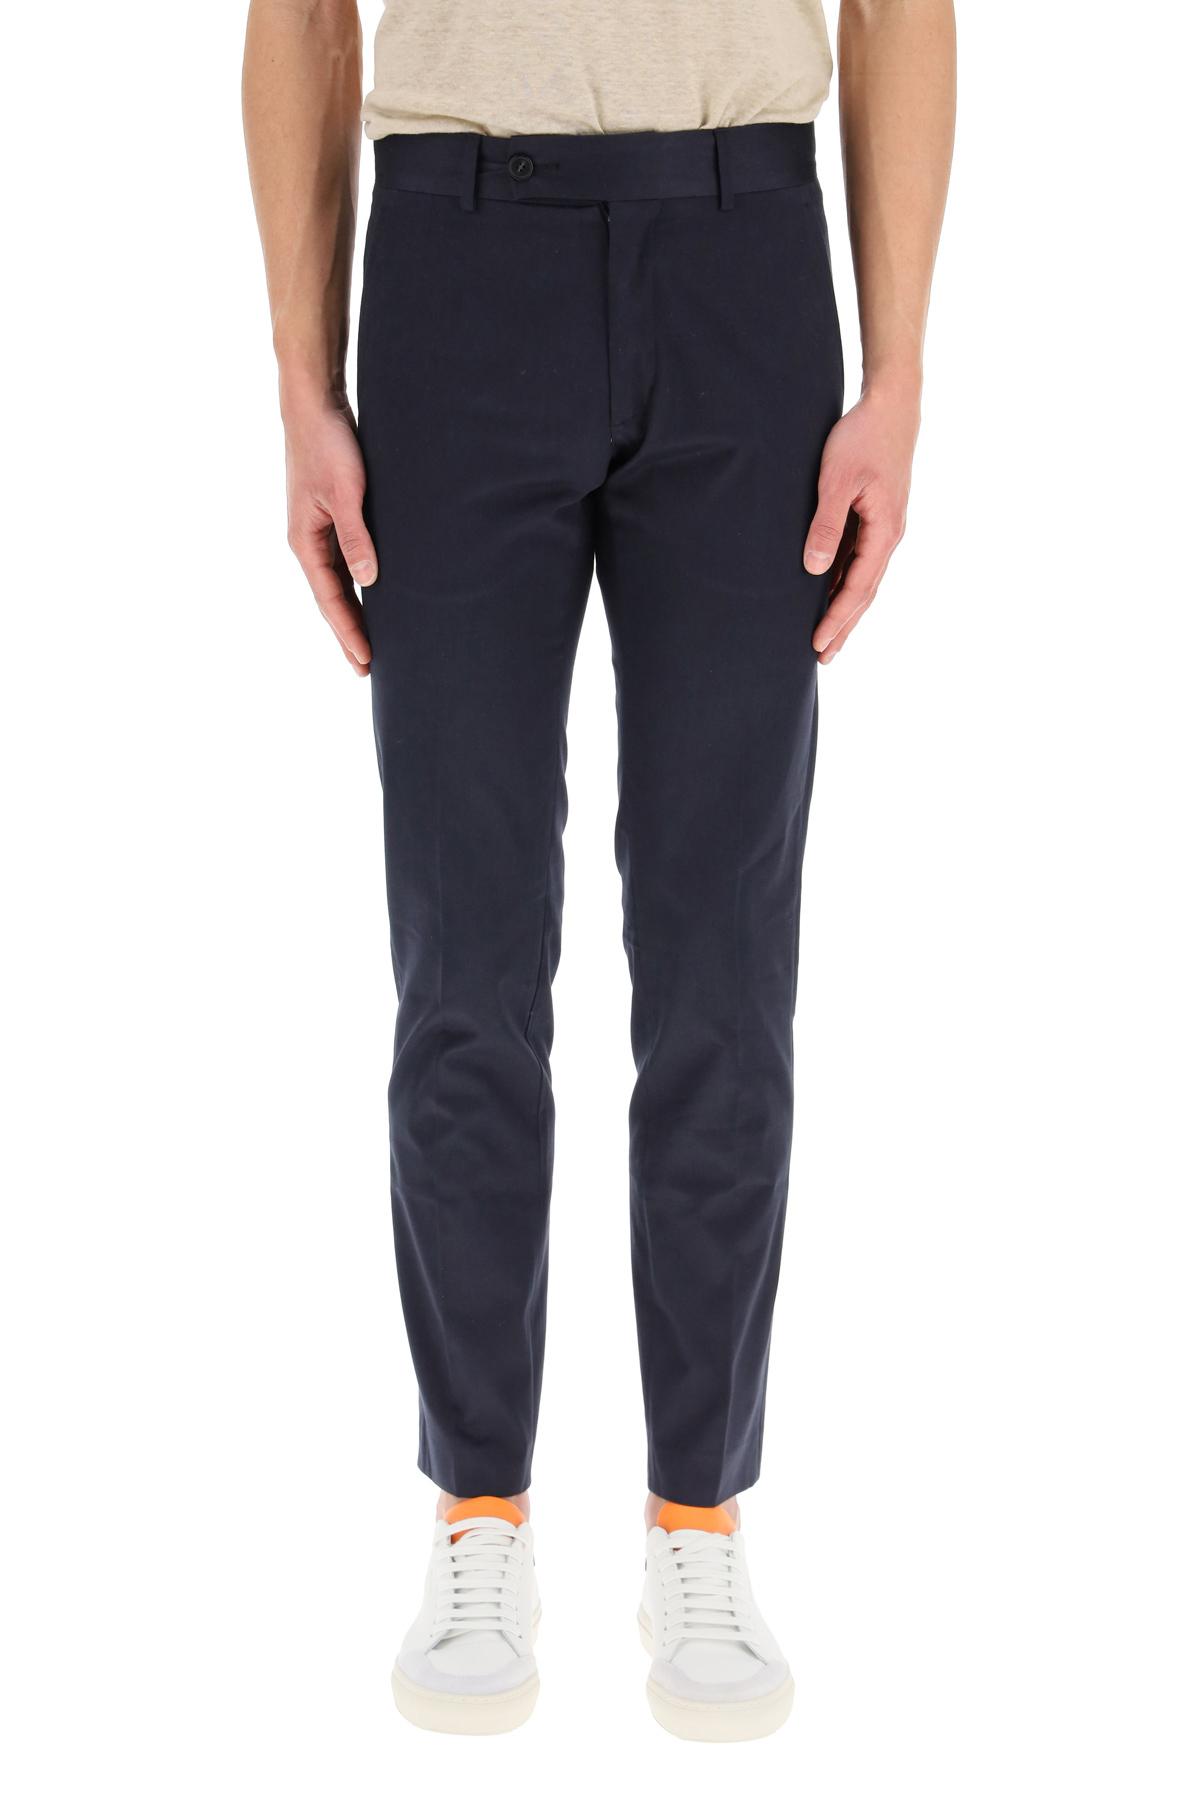 Gm77 pantaloni chino in cotone